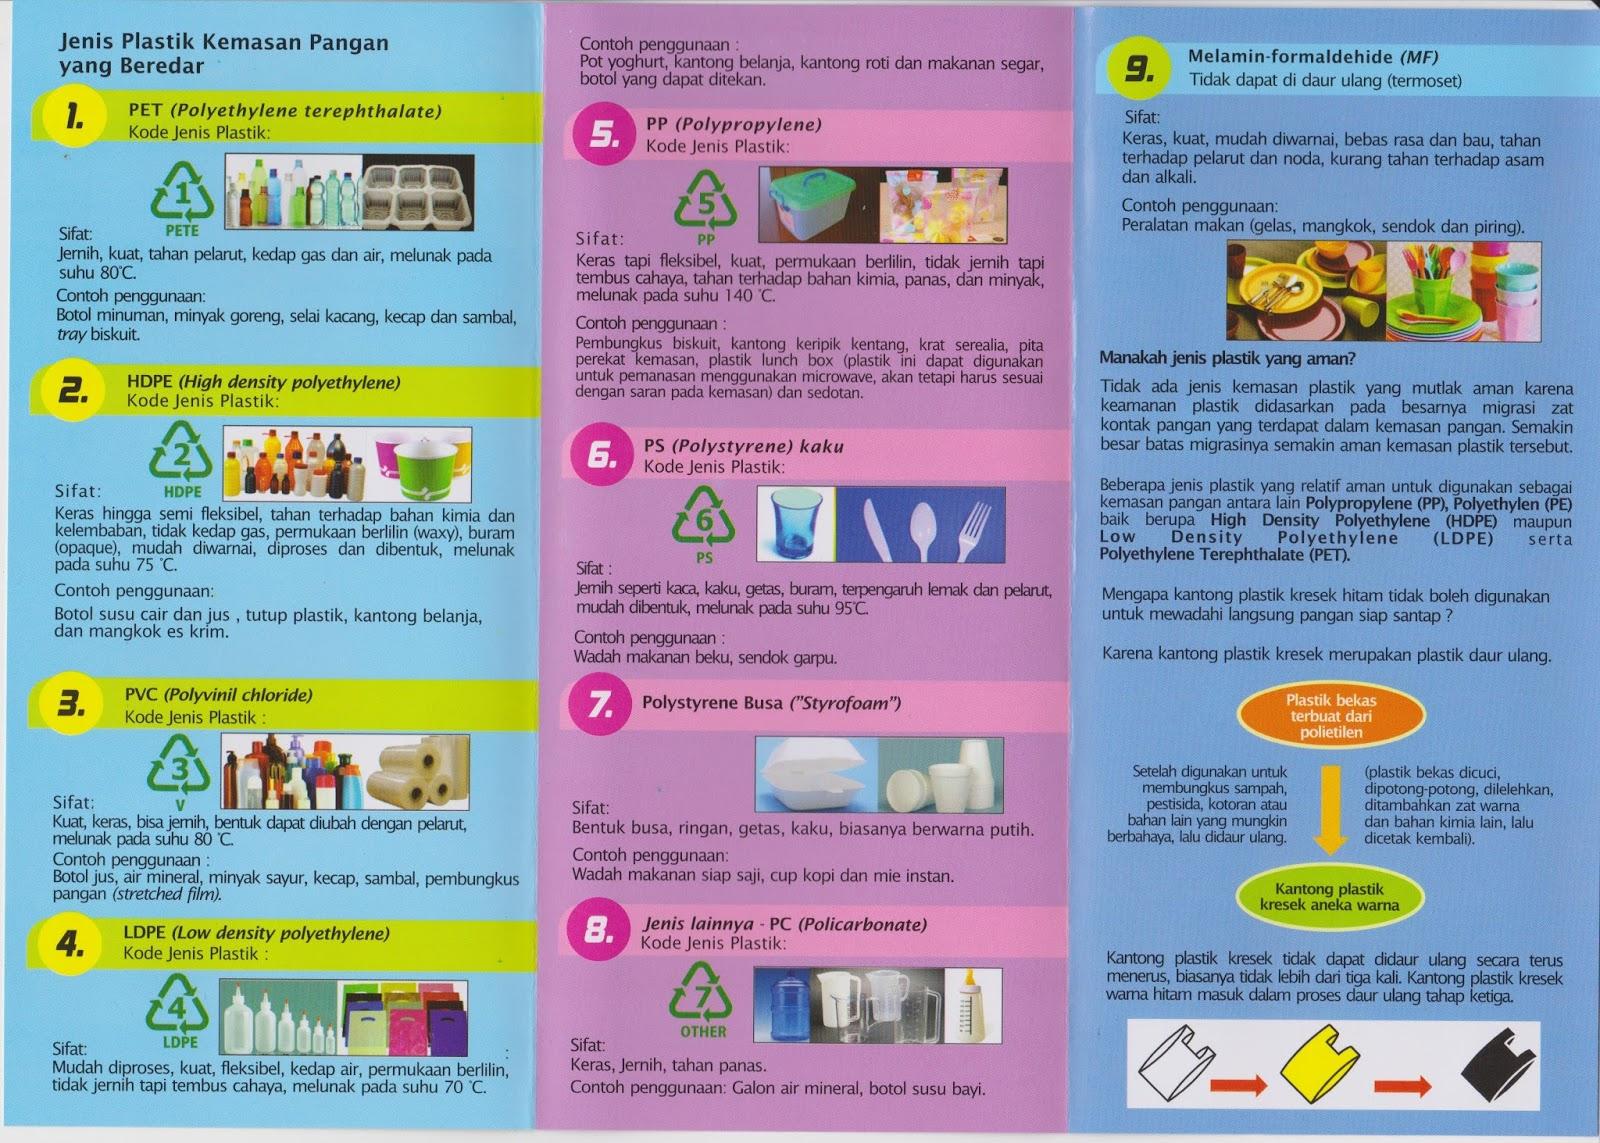 BBPOM di YOGYAKARTA Mengenal Jenis Jenis Plastik Kemasan